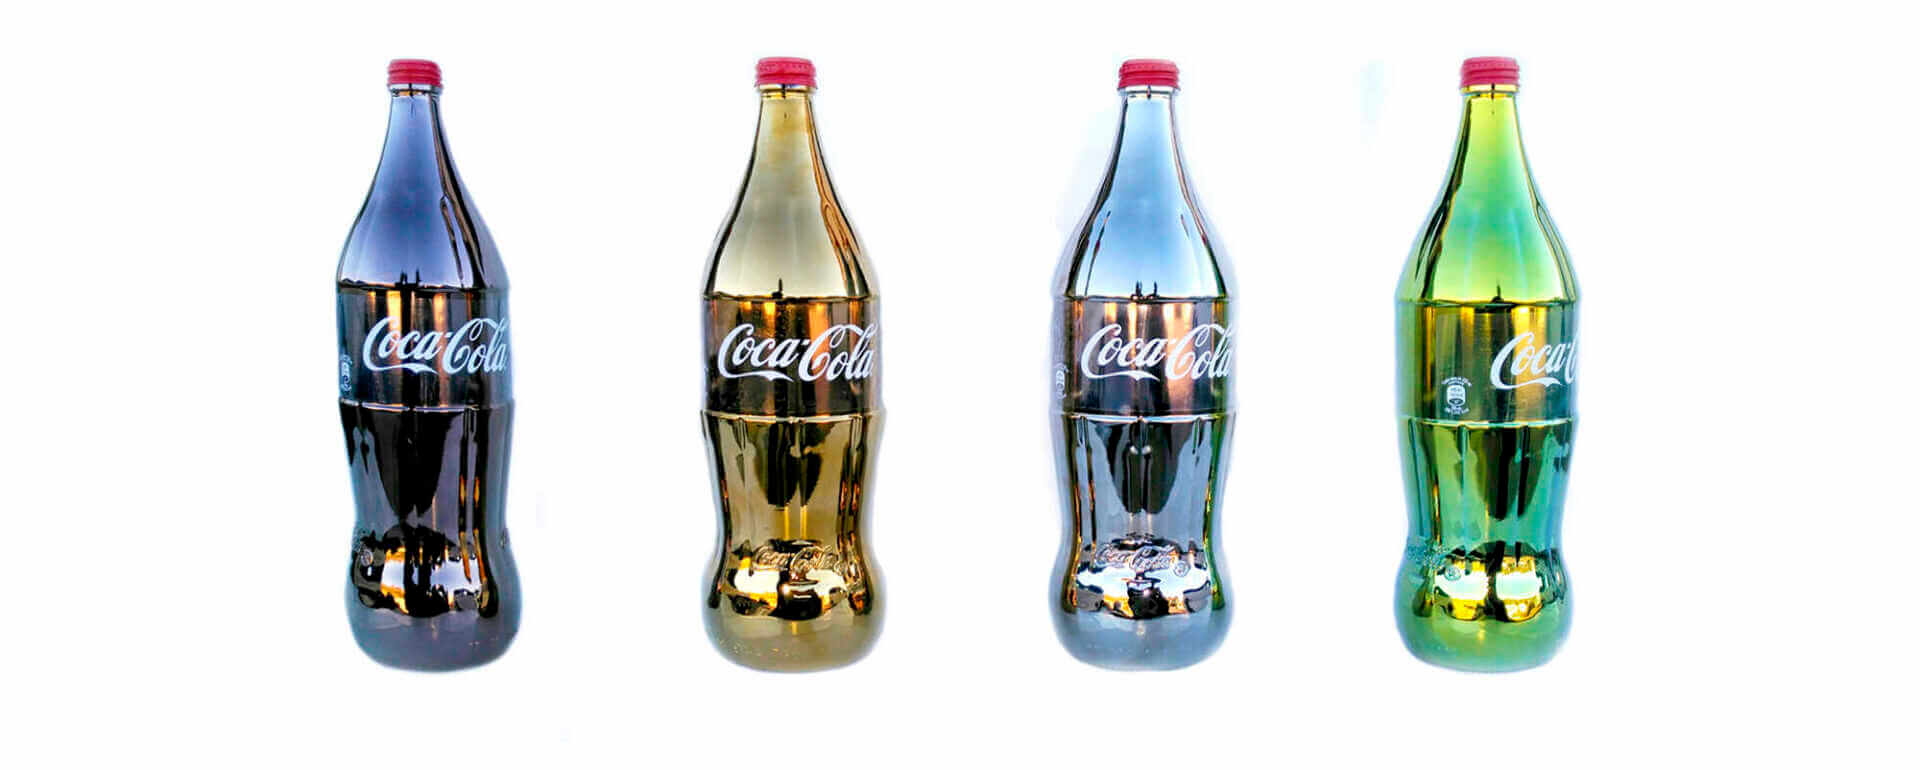 botellas de lujo